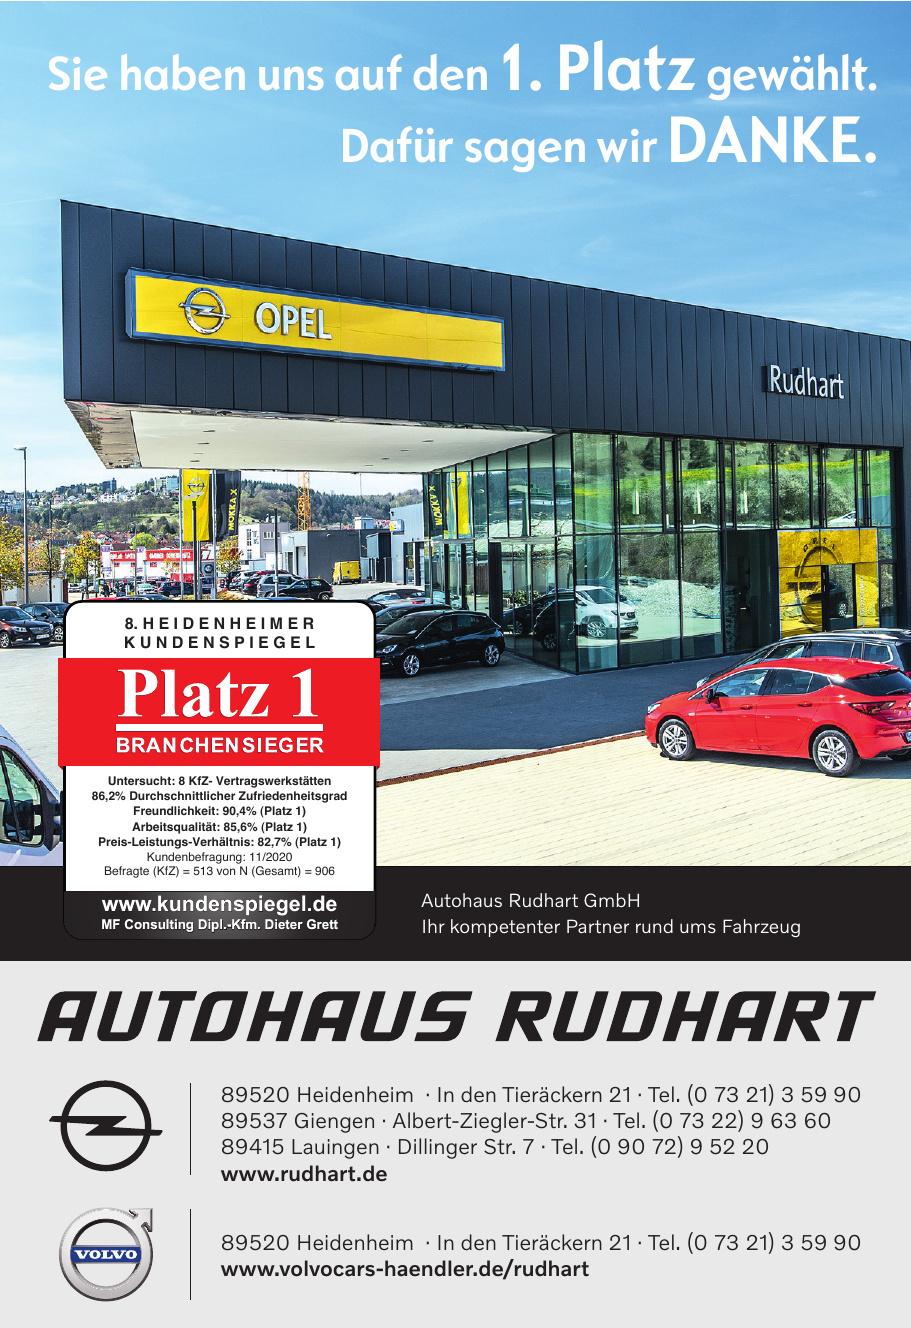 Autohaus Rudhart GmbH